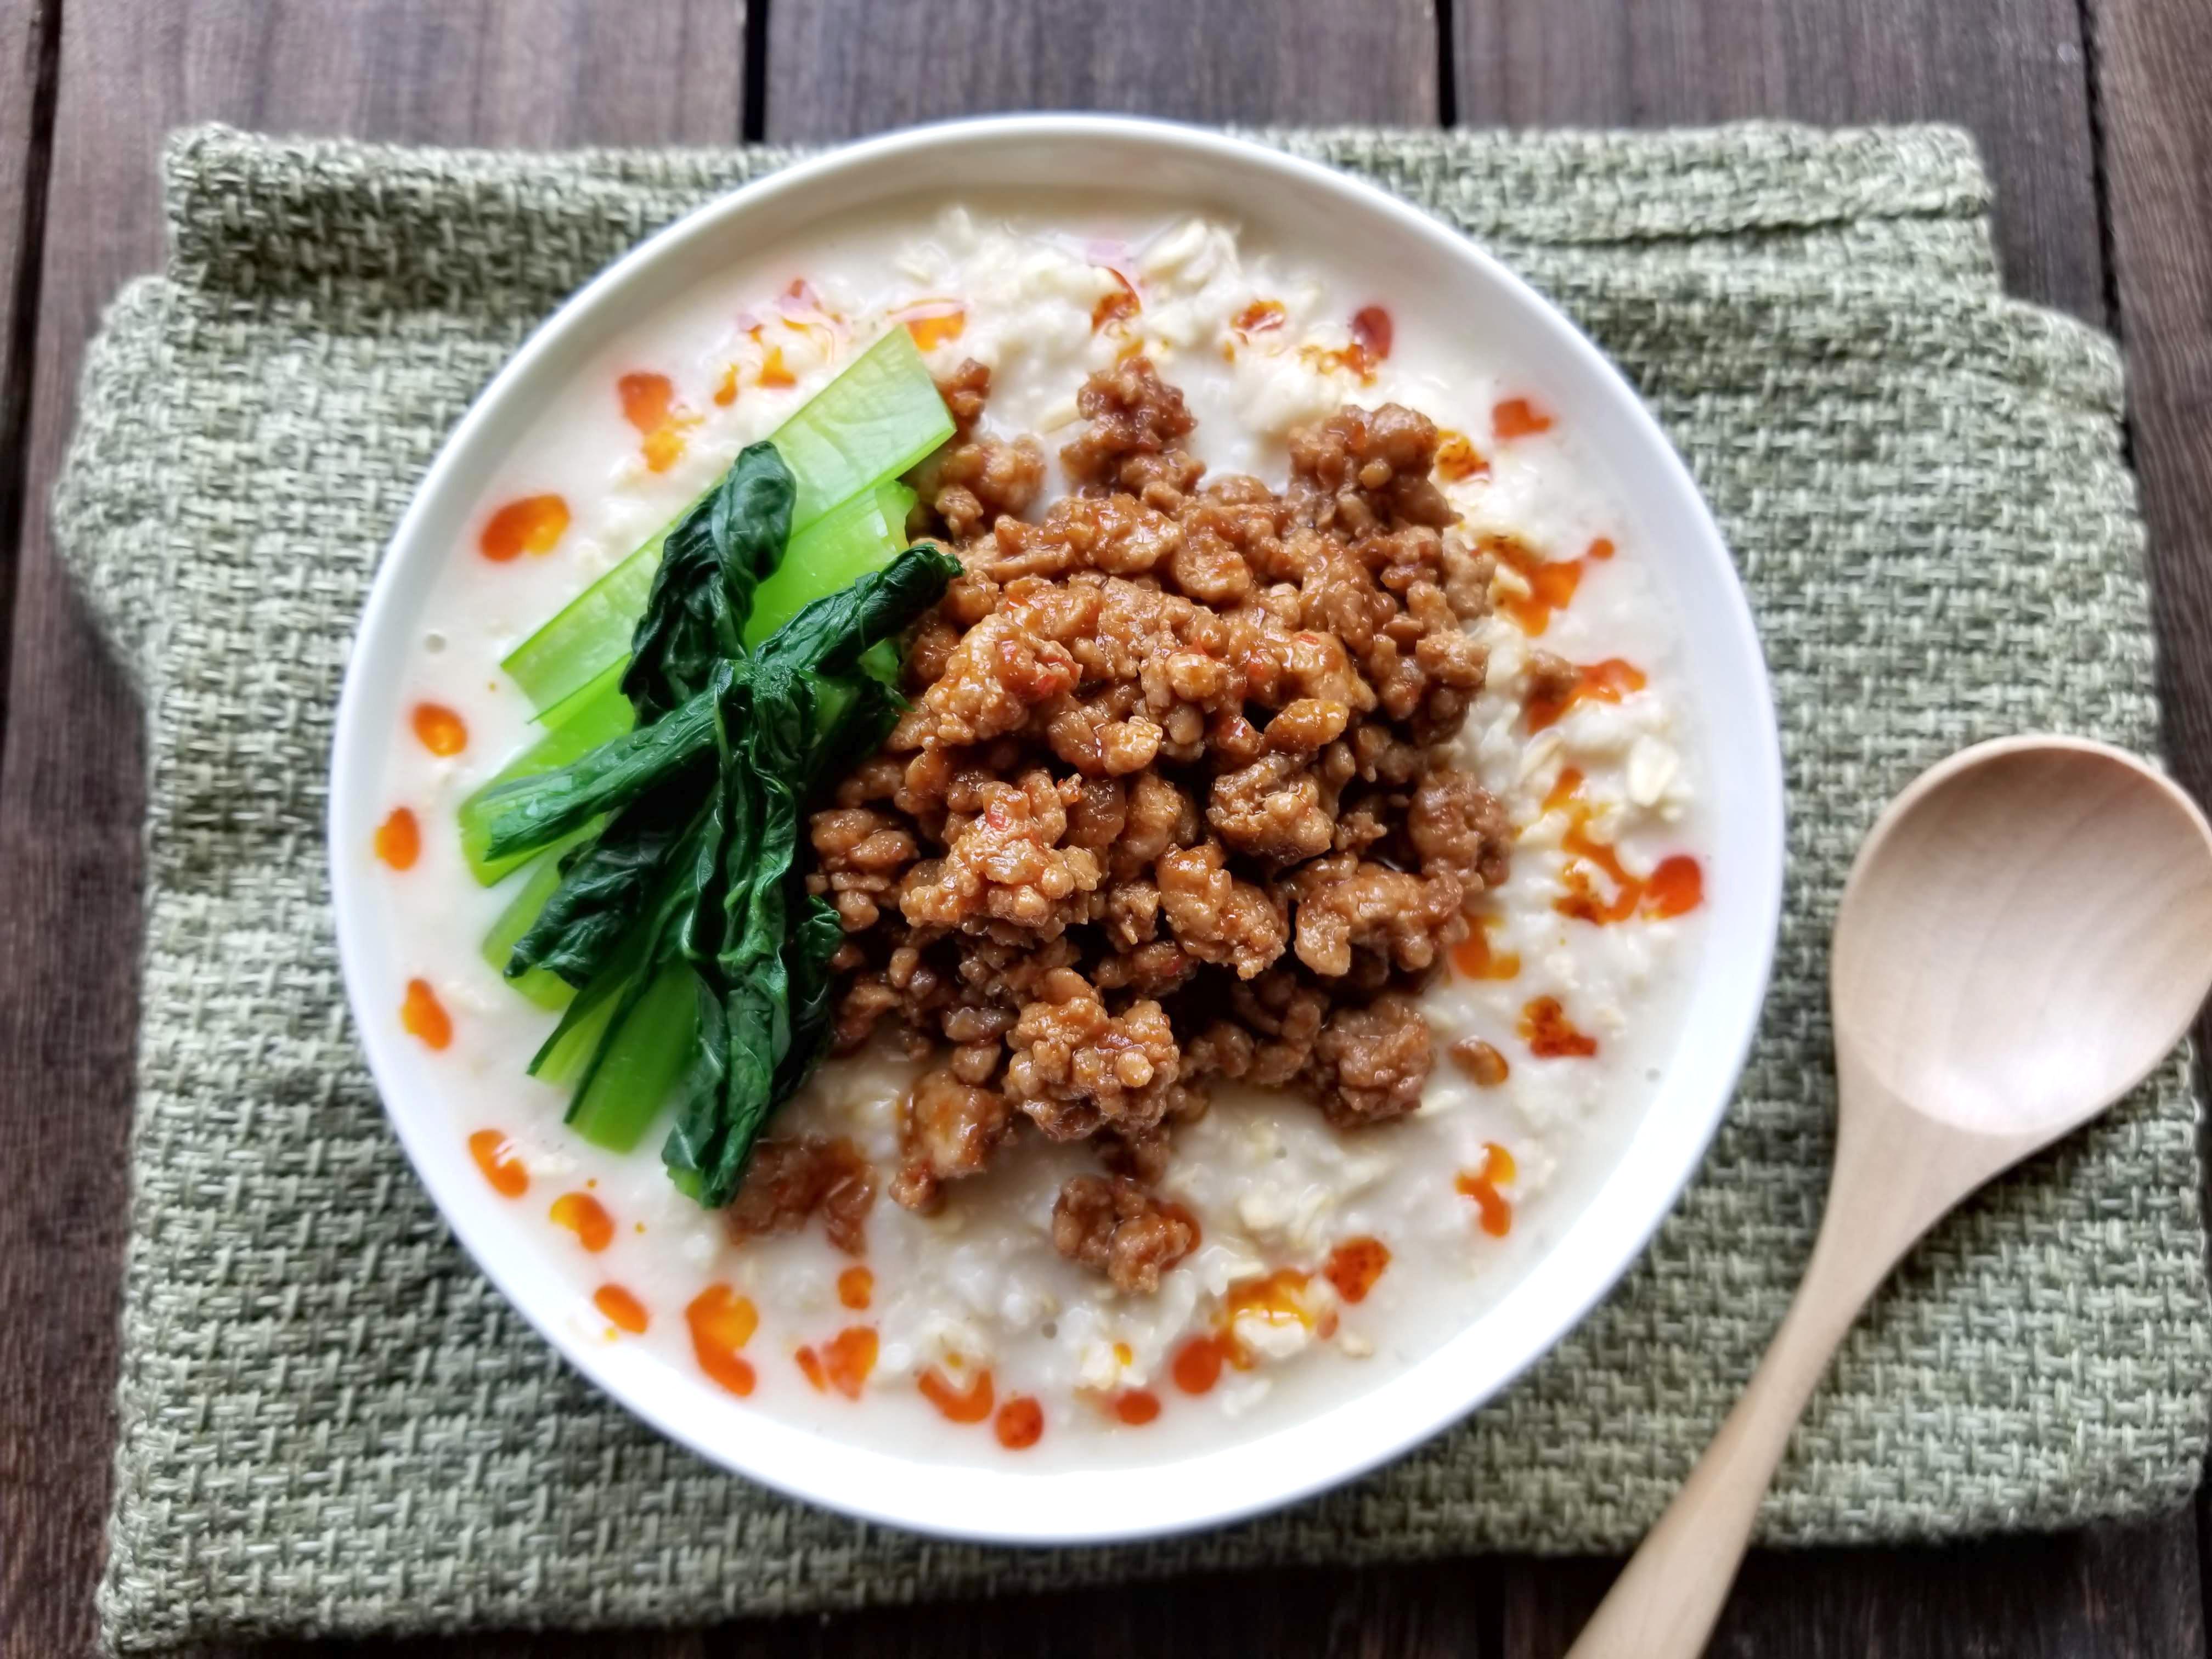 担々麺ならぬ、担々オートミール豆腐